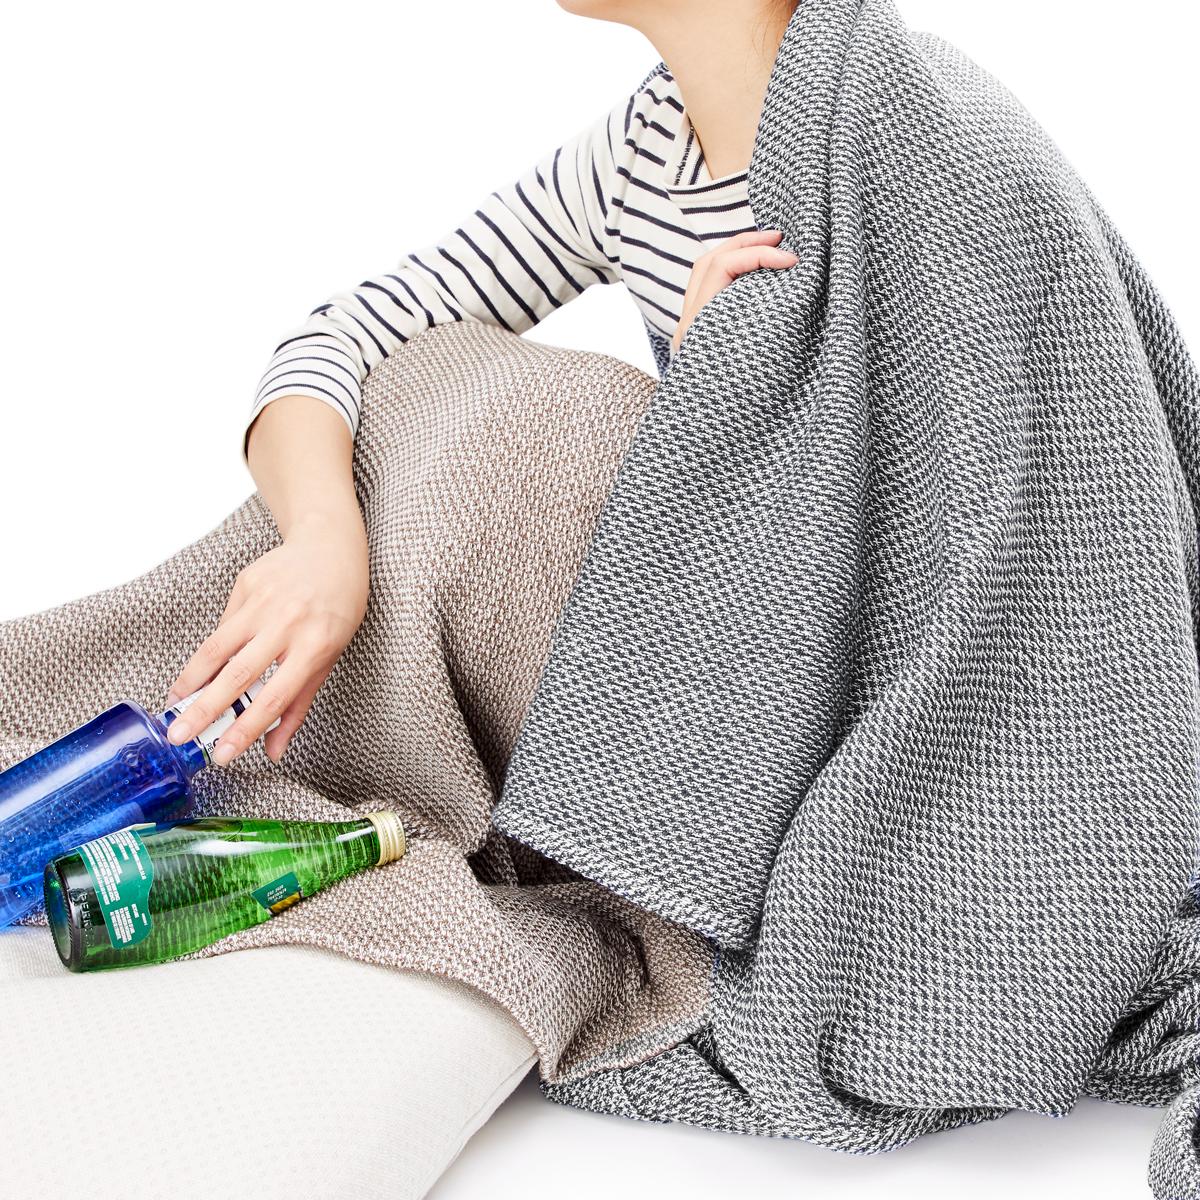 大阪泉州の後晒しでふわふわの感触(日本製)。「熟睡」を追求した凹凸状のハニカム織りのハニカムケット(ワッフルケット)